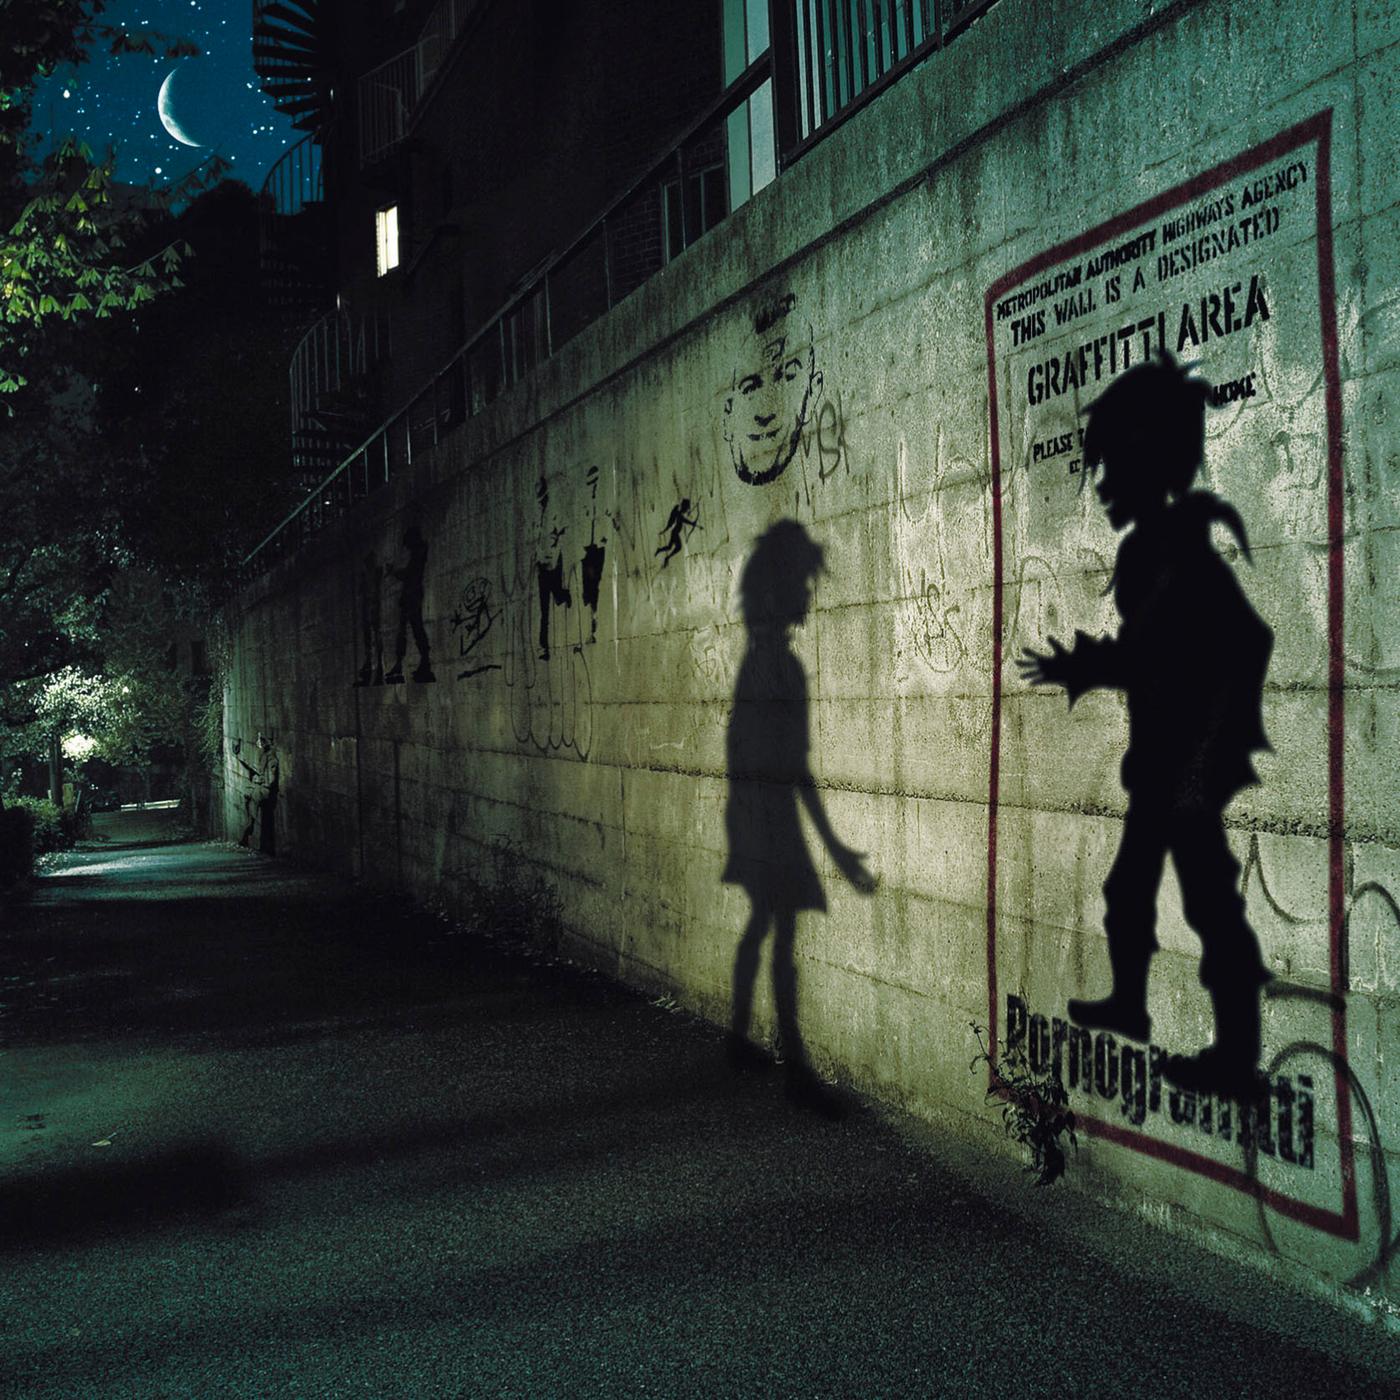 Anata Ga Kokoni Itara - Porno Graffitti